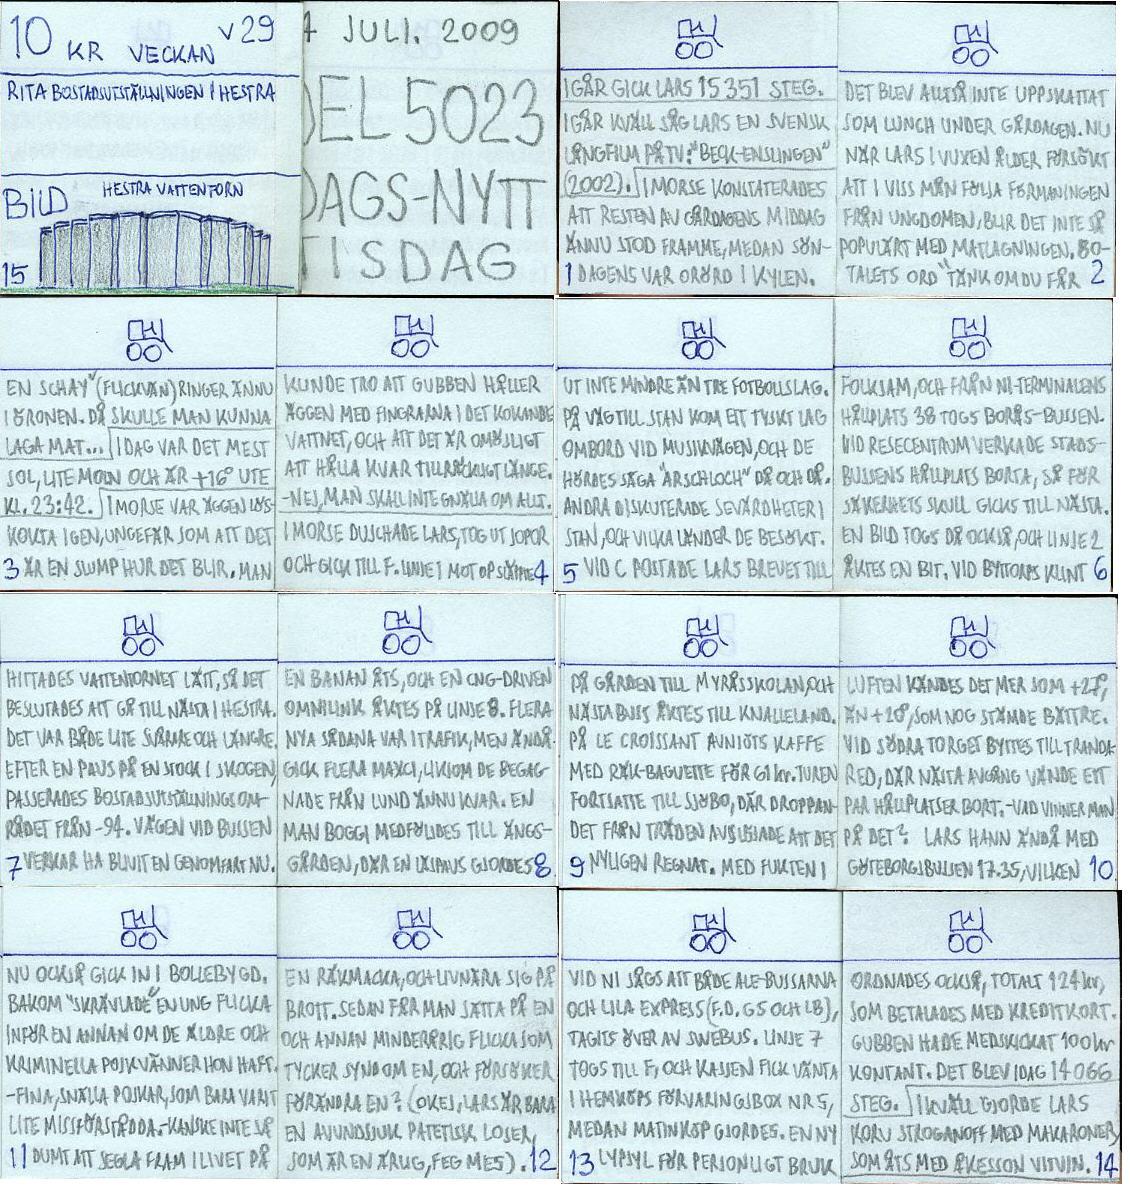 Dags-Nytt 14 juli 2009